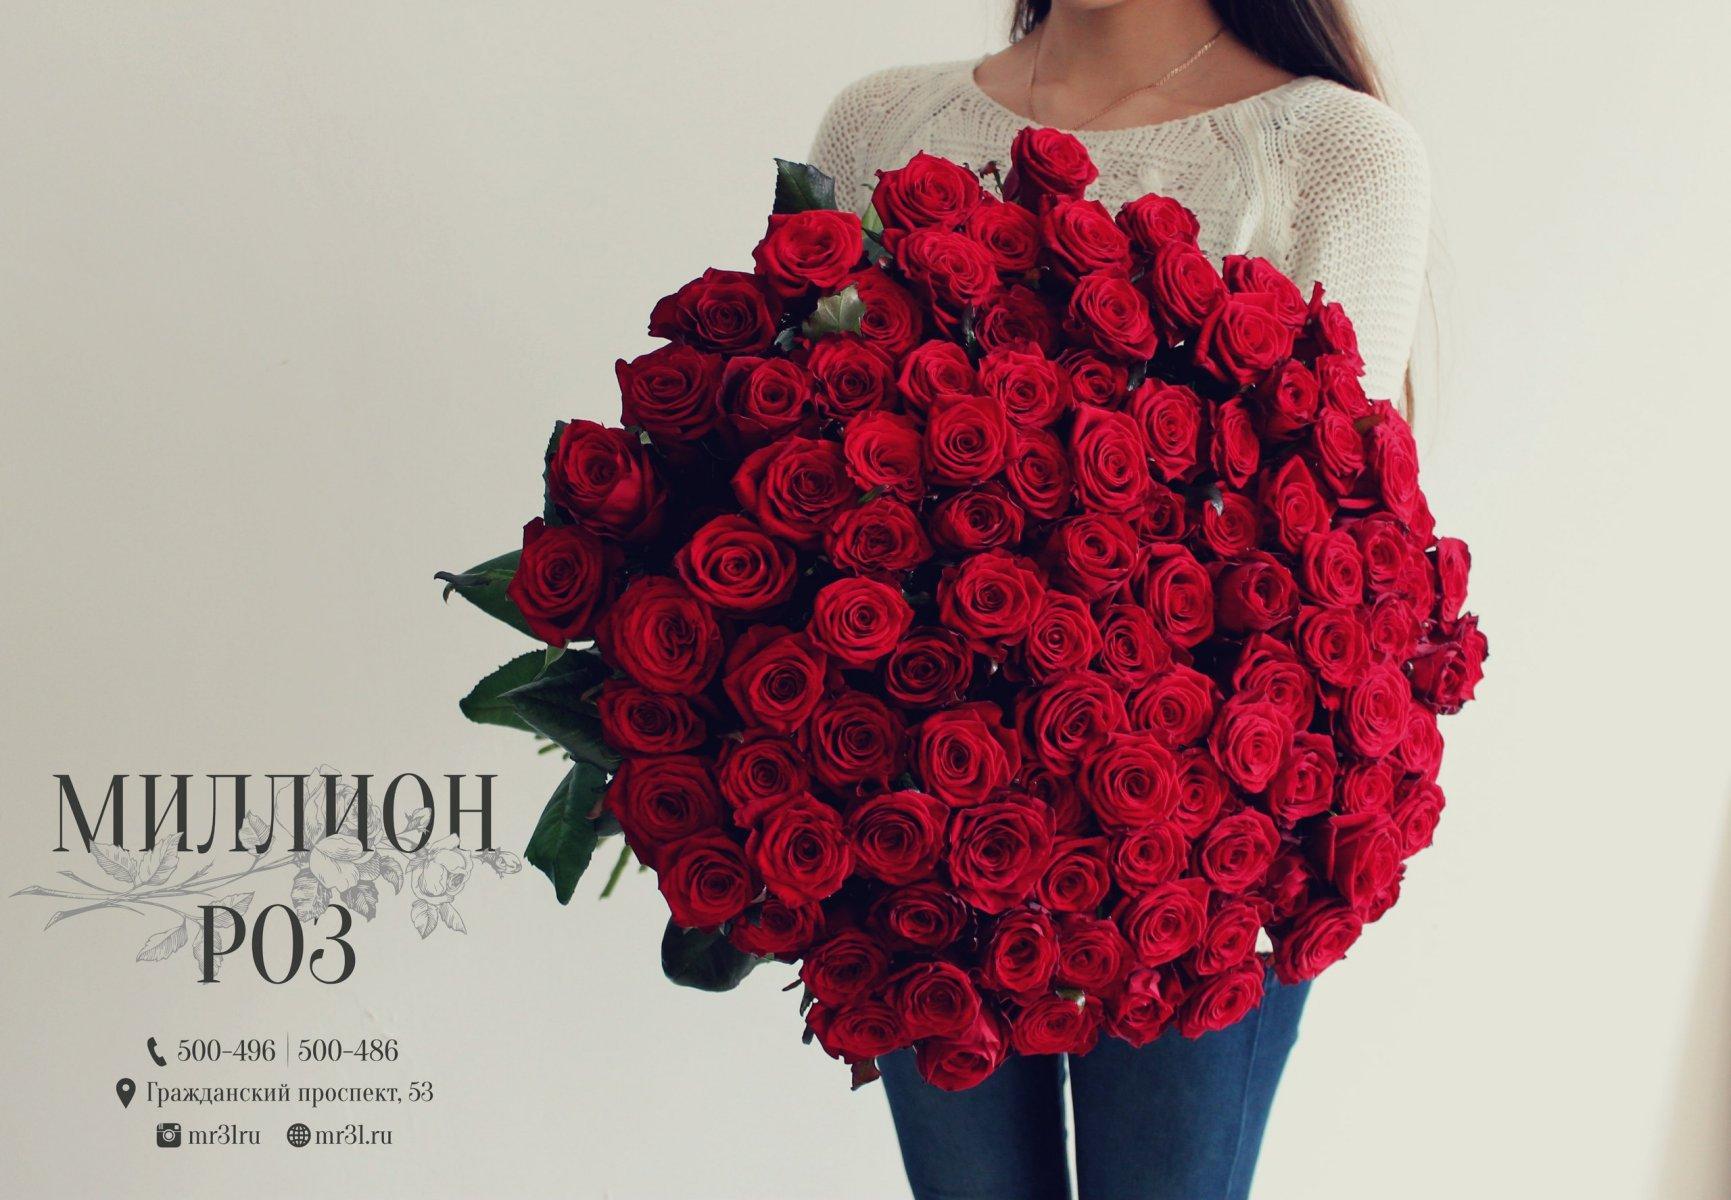 Миллион роз картинки красивые, днем рождения открытки